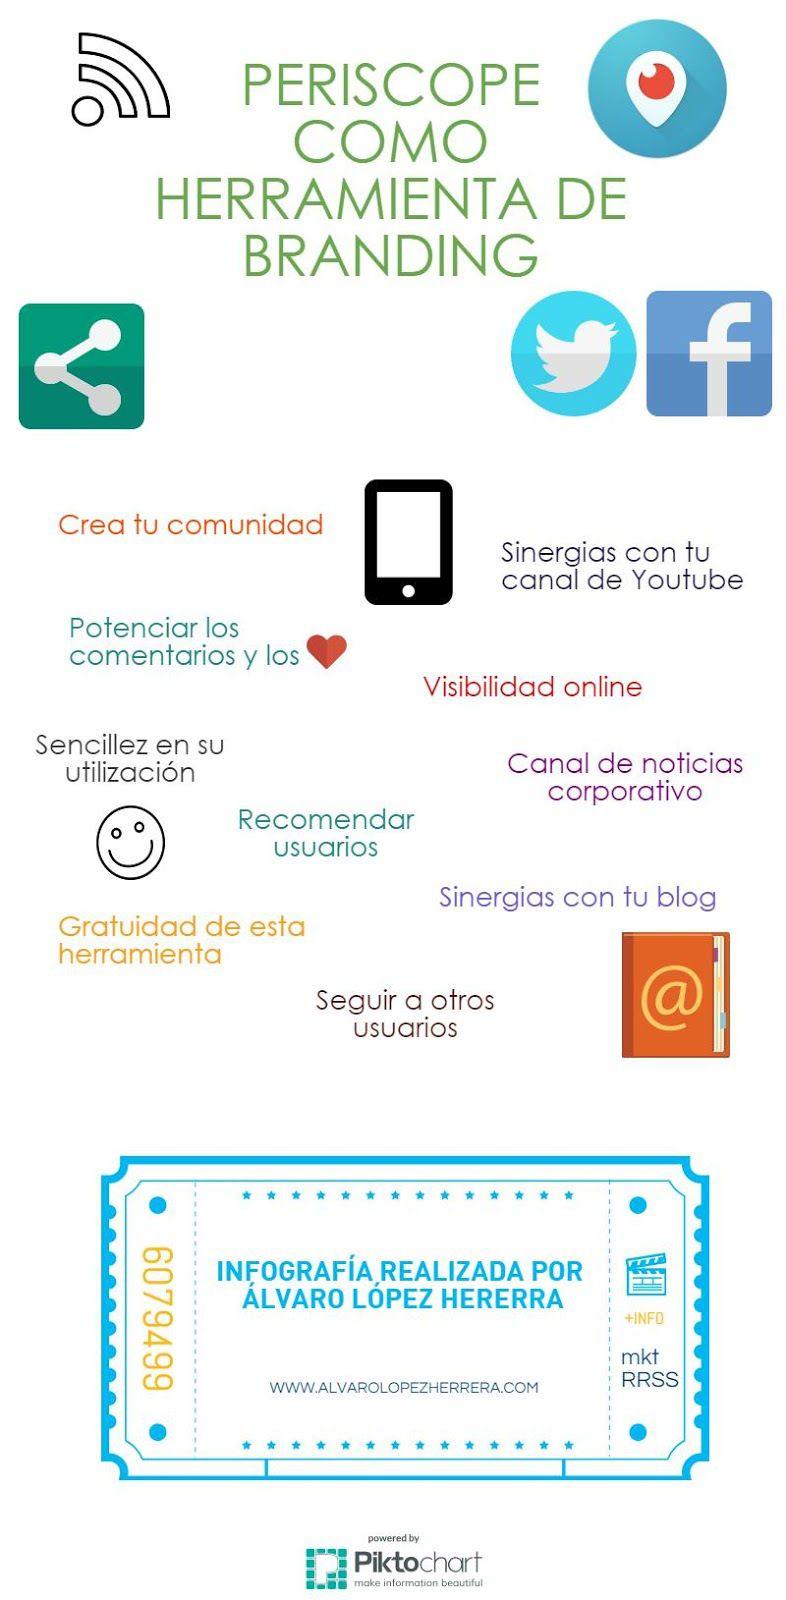 Periscope como herramienta de Branding #infografia #socialmedia #marketing